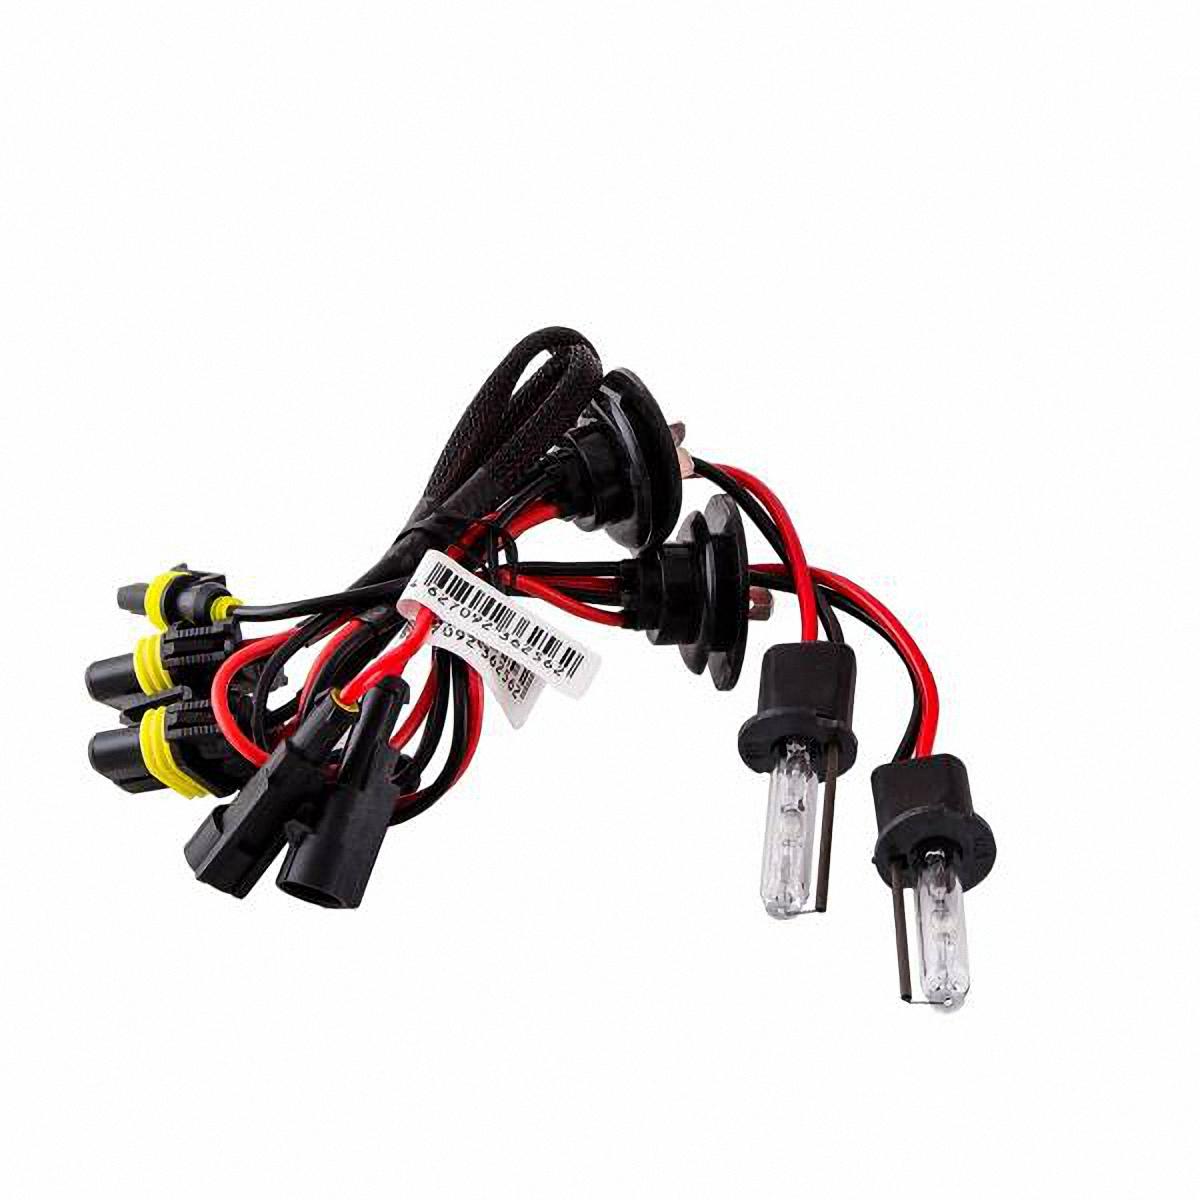 Лампа автомобильная Skyway, ксенон, цоколь H3, 35 Вт, 12 В, 2 штSH3 5000KЛампы автомобильные Skyway - комплект ксеноновых ламп без блока розжига. Автолампы с цоколем Н3 предназначены для противотуманных фар. Их размеры достаточно малы, и от них отходят 2 проводка (+ и -). Автолампа ксенон SKYWAY устойчива к тряскам, имеет продолжительный срок эксплуатации. За счет лучшего освещения дорожной разметки и дорожных знаков, вы будете чувствовать себя уверенно в плохих погодных условиях и в темное время суток. А мягкий белый свет лампы не ослепляет водителей встречного потока автомобилей. Особенности: Колба изготовлена из кварцевого стекла Водонепроницаемый корпус Короткое время розжига Срок службы более 3000 часов Излучают на 300 % больше света, чем галогеновые лампы Увеличенная яркость свечения Характеристики: Цветовая температура: 5000 К Яркость: 3200 Лм Тип цоколя: Н3 Диапазон входного напряжения: 9-32 В Потребляемая мощность: 35 Вт ...